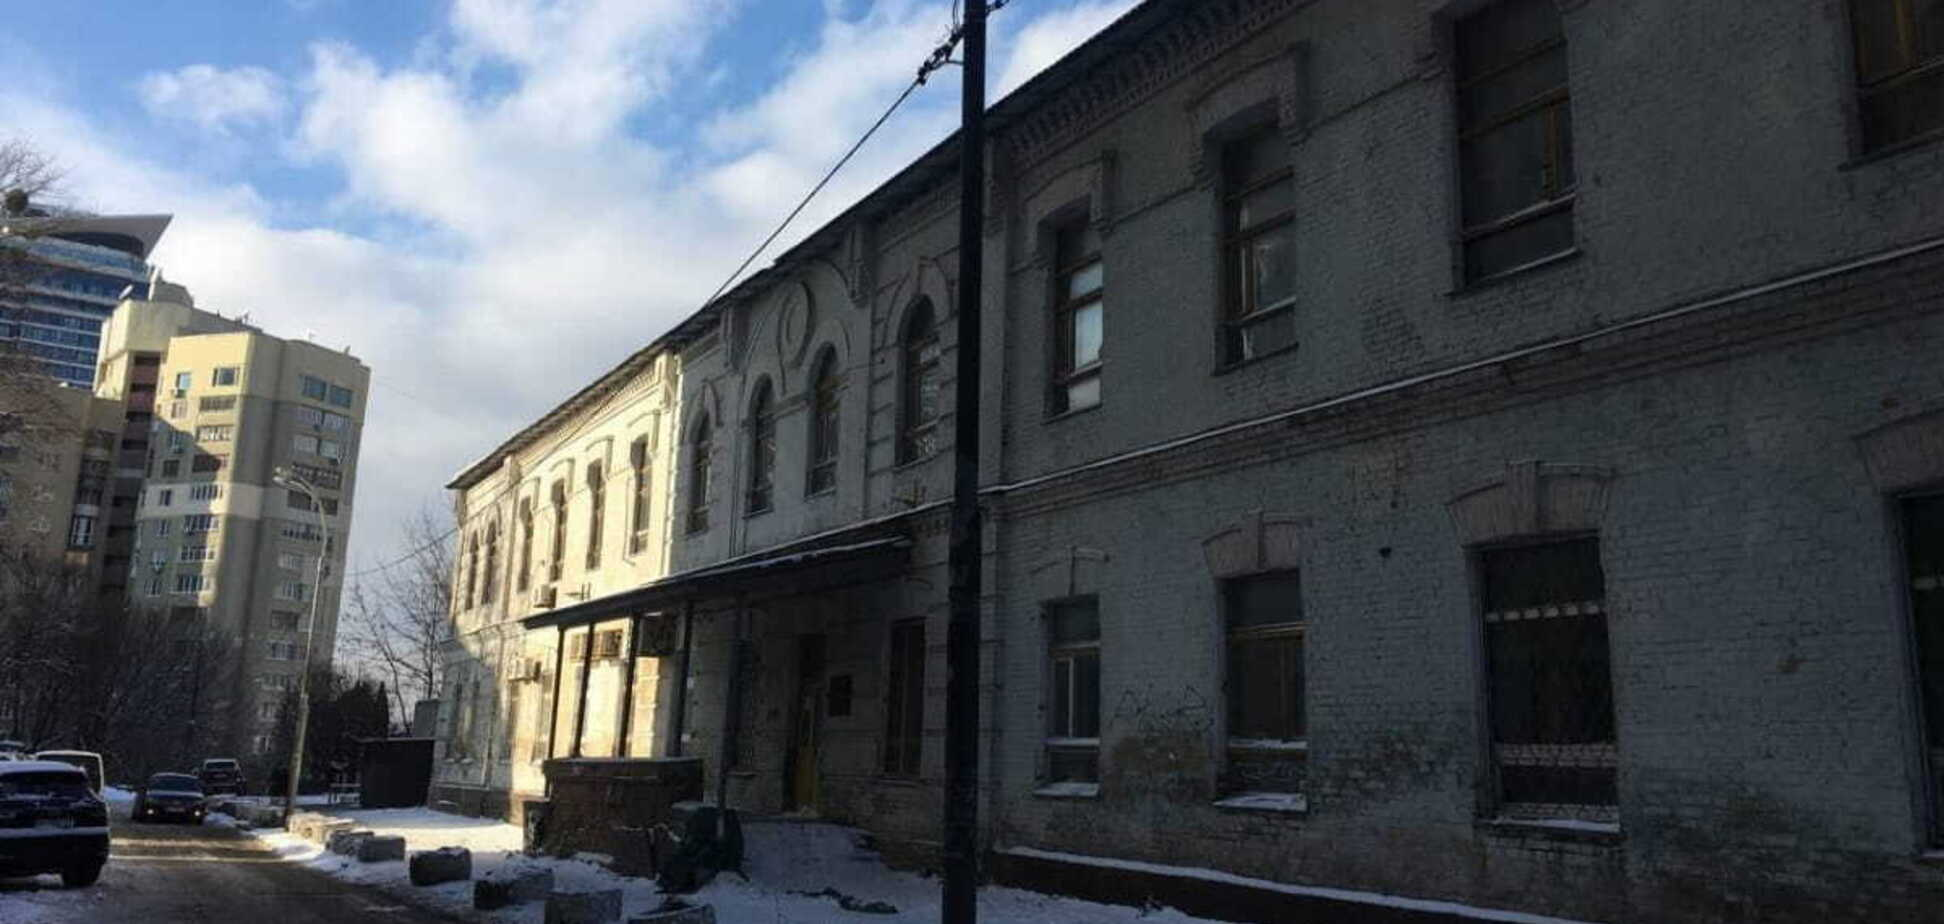 Депутати 'ЄС' знайшли неузгодженості у 'прописці' ДБР у Печерському районі